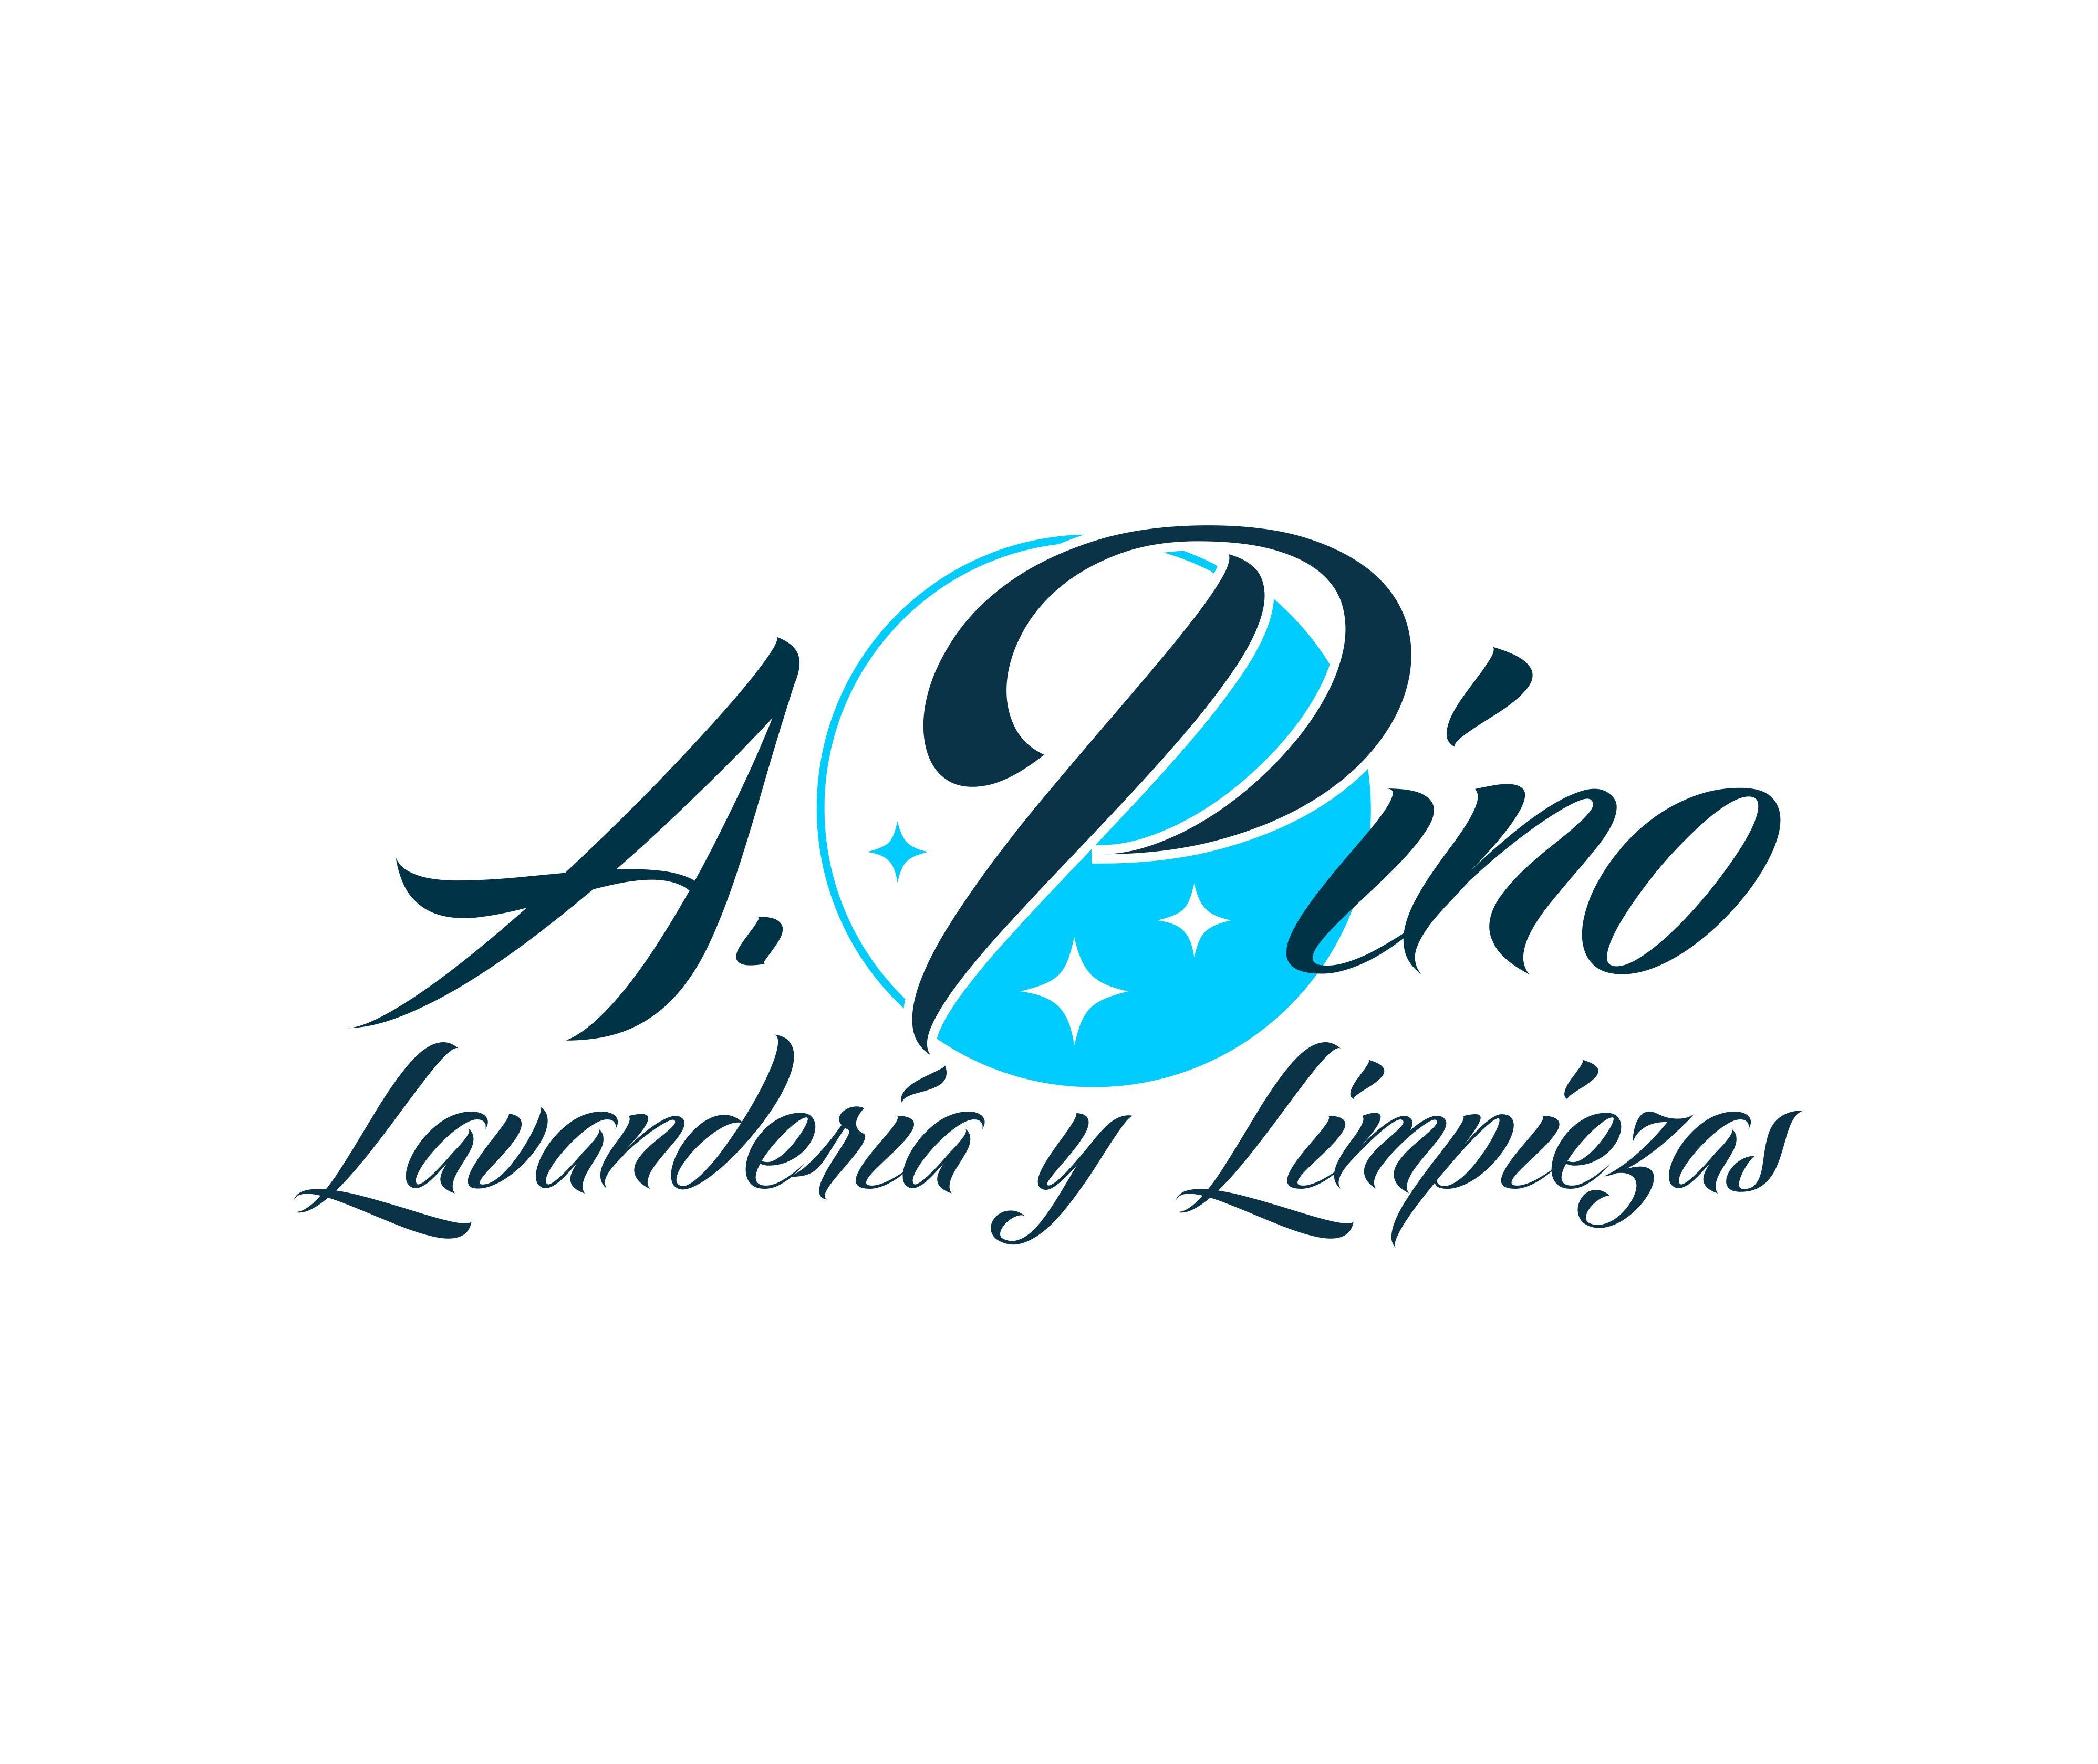 Diseño de logotipo para Lavandería A. Pino | Logotipos por ... | {Pino logo 55}